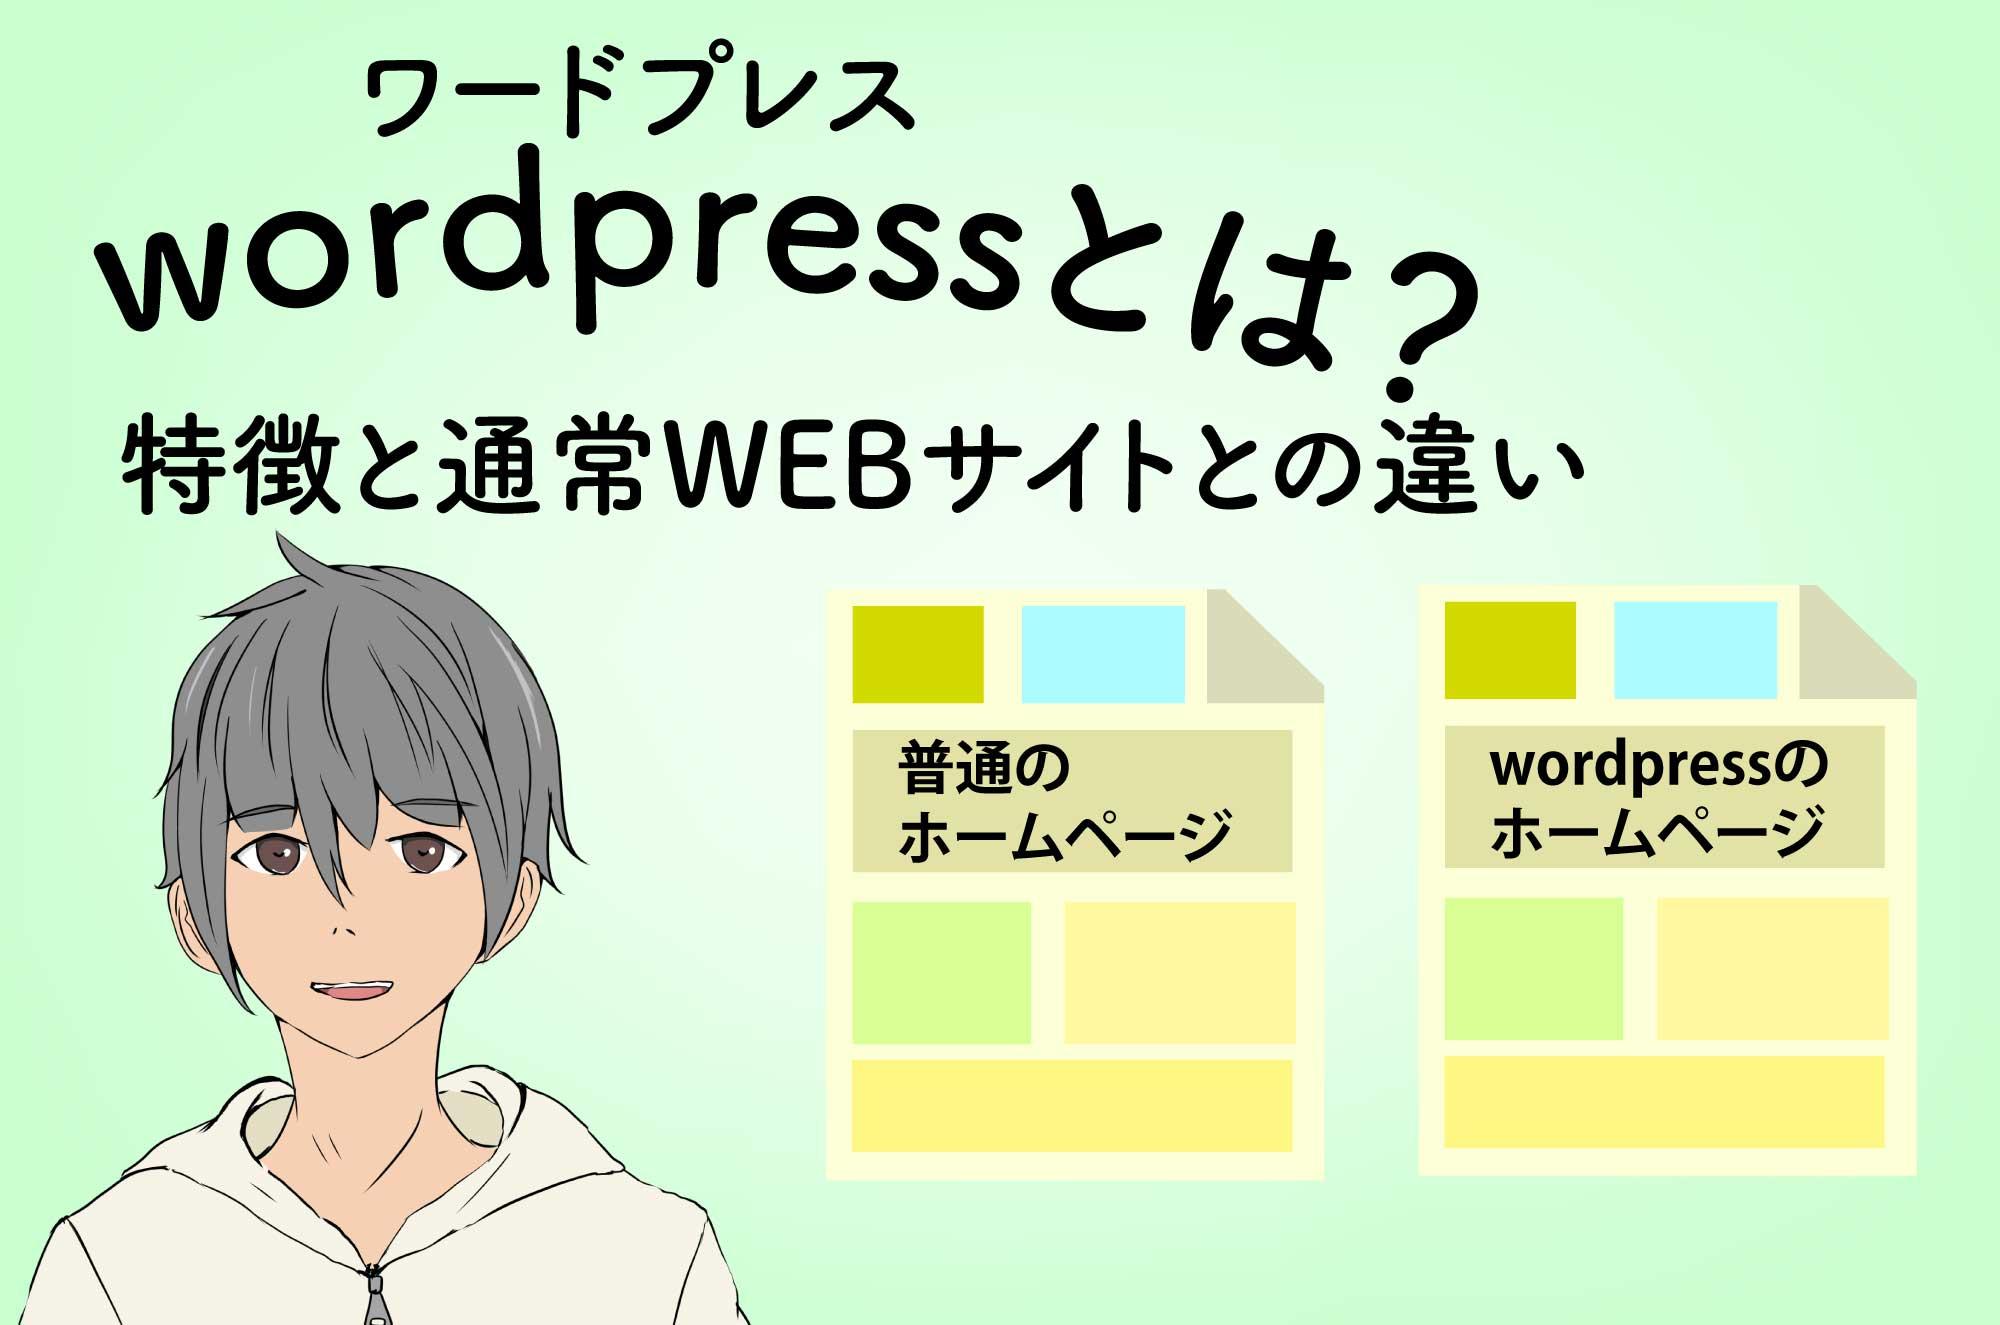 wordpress(ワードプレス)とは?特徴とメリット・デメリット